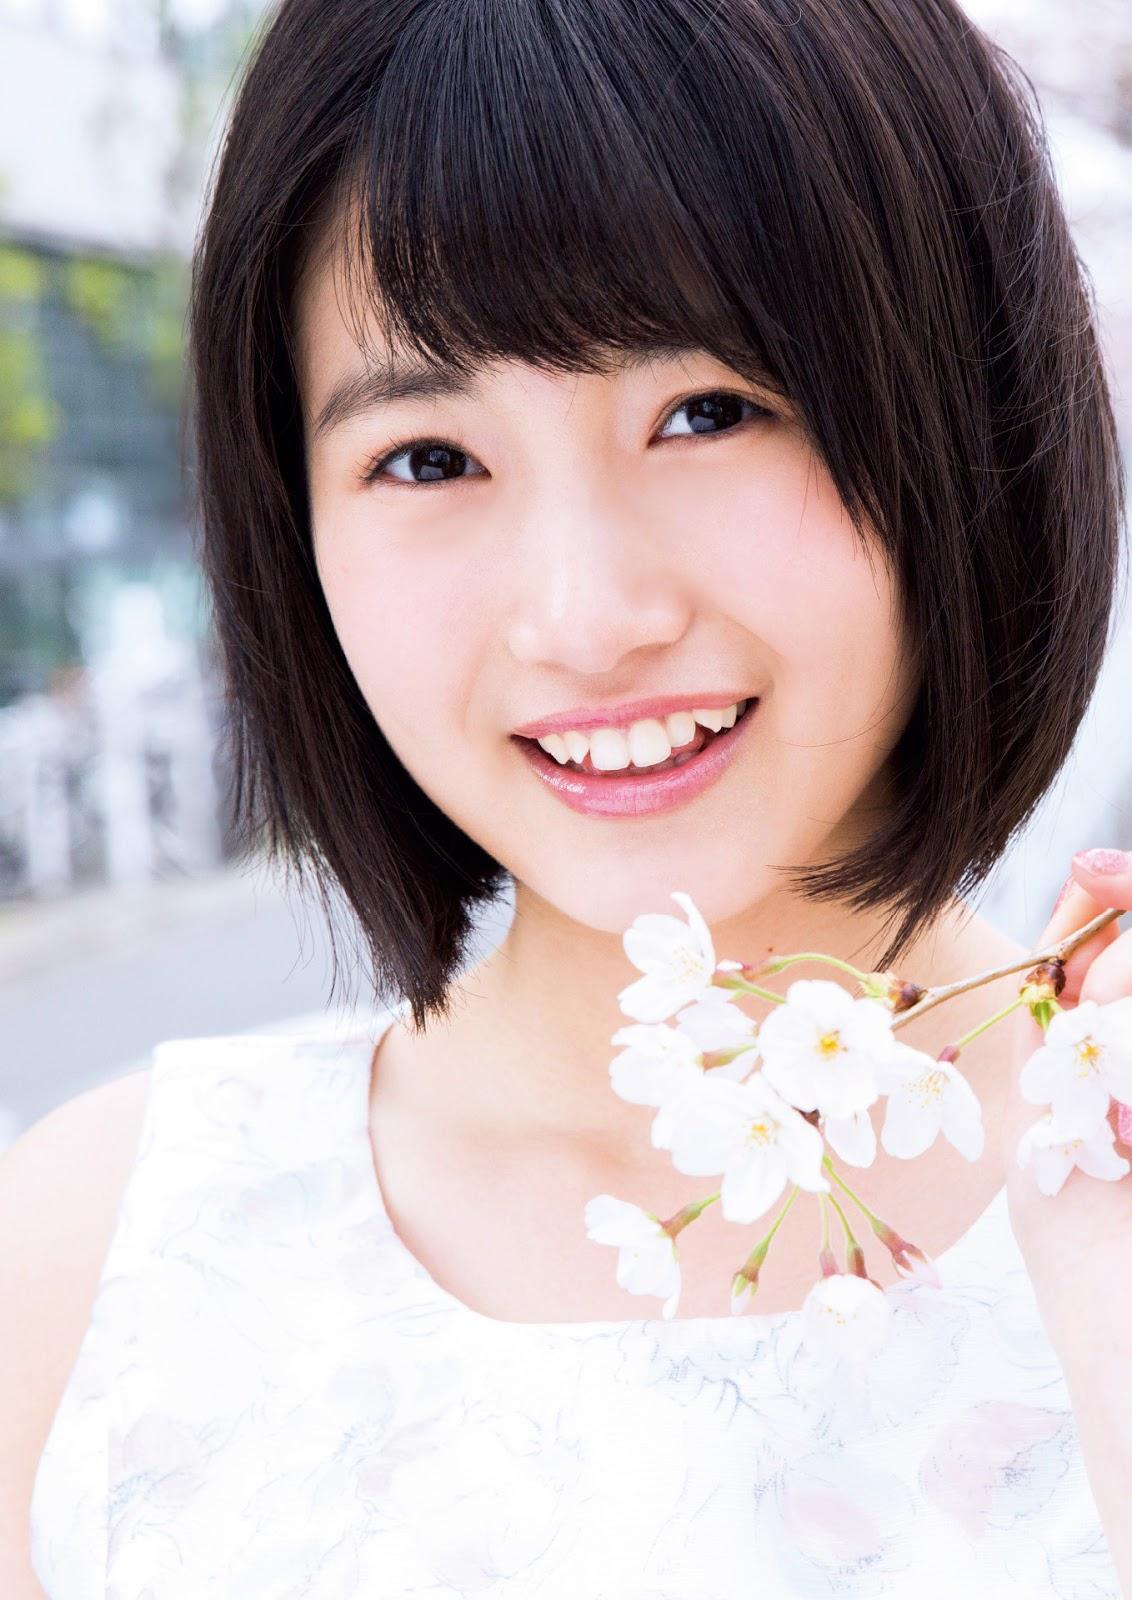 Tomonaga Mio 朝長美桜 HKT48, FLASH Magazine Special Gravure BEST 2016.05.25